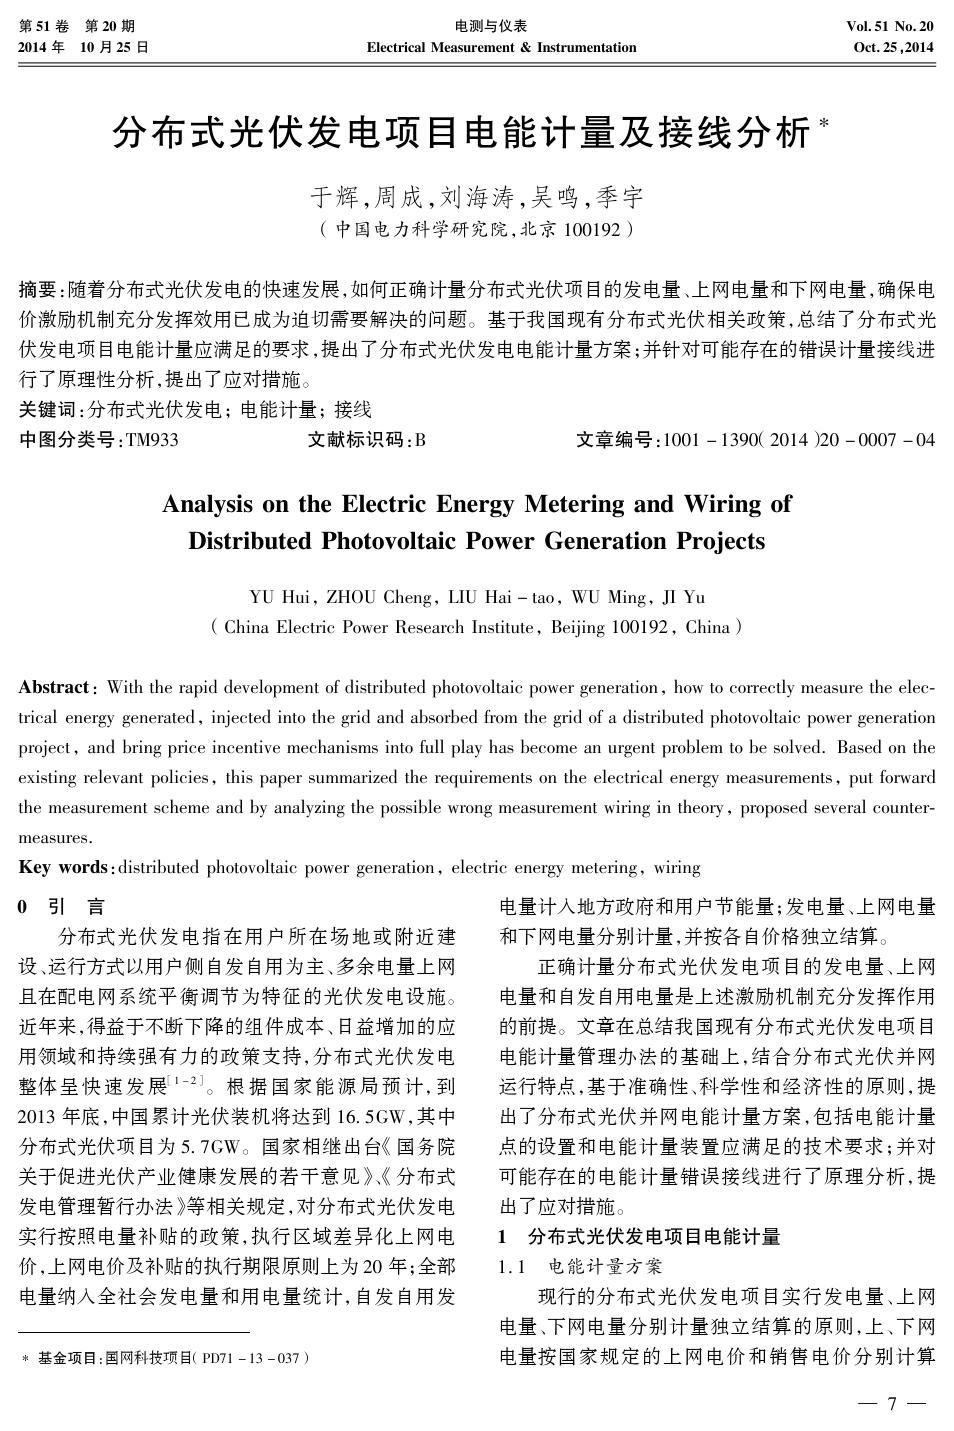 分布式光伏发电项目电能计量及接线分析